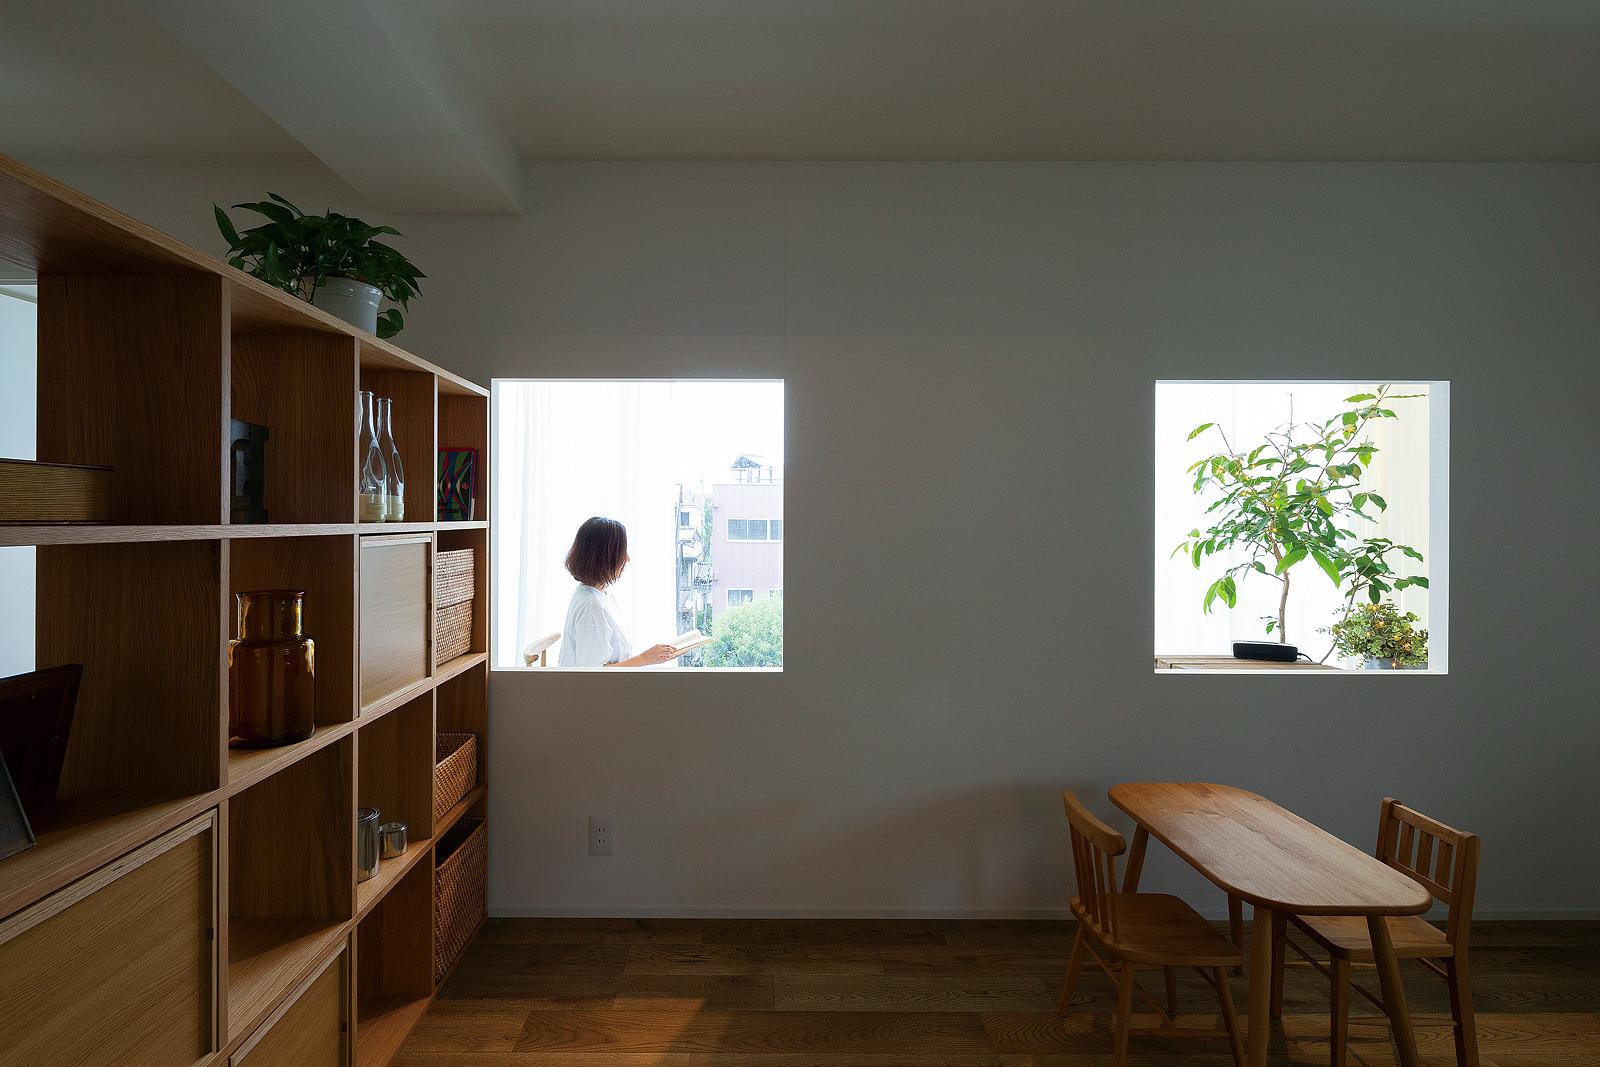 光に満ちたインナーバルコニー。室内から望めば、まるで額縁で景色を切り取ったように映る